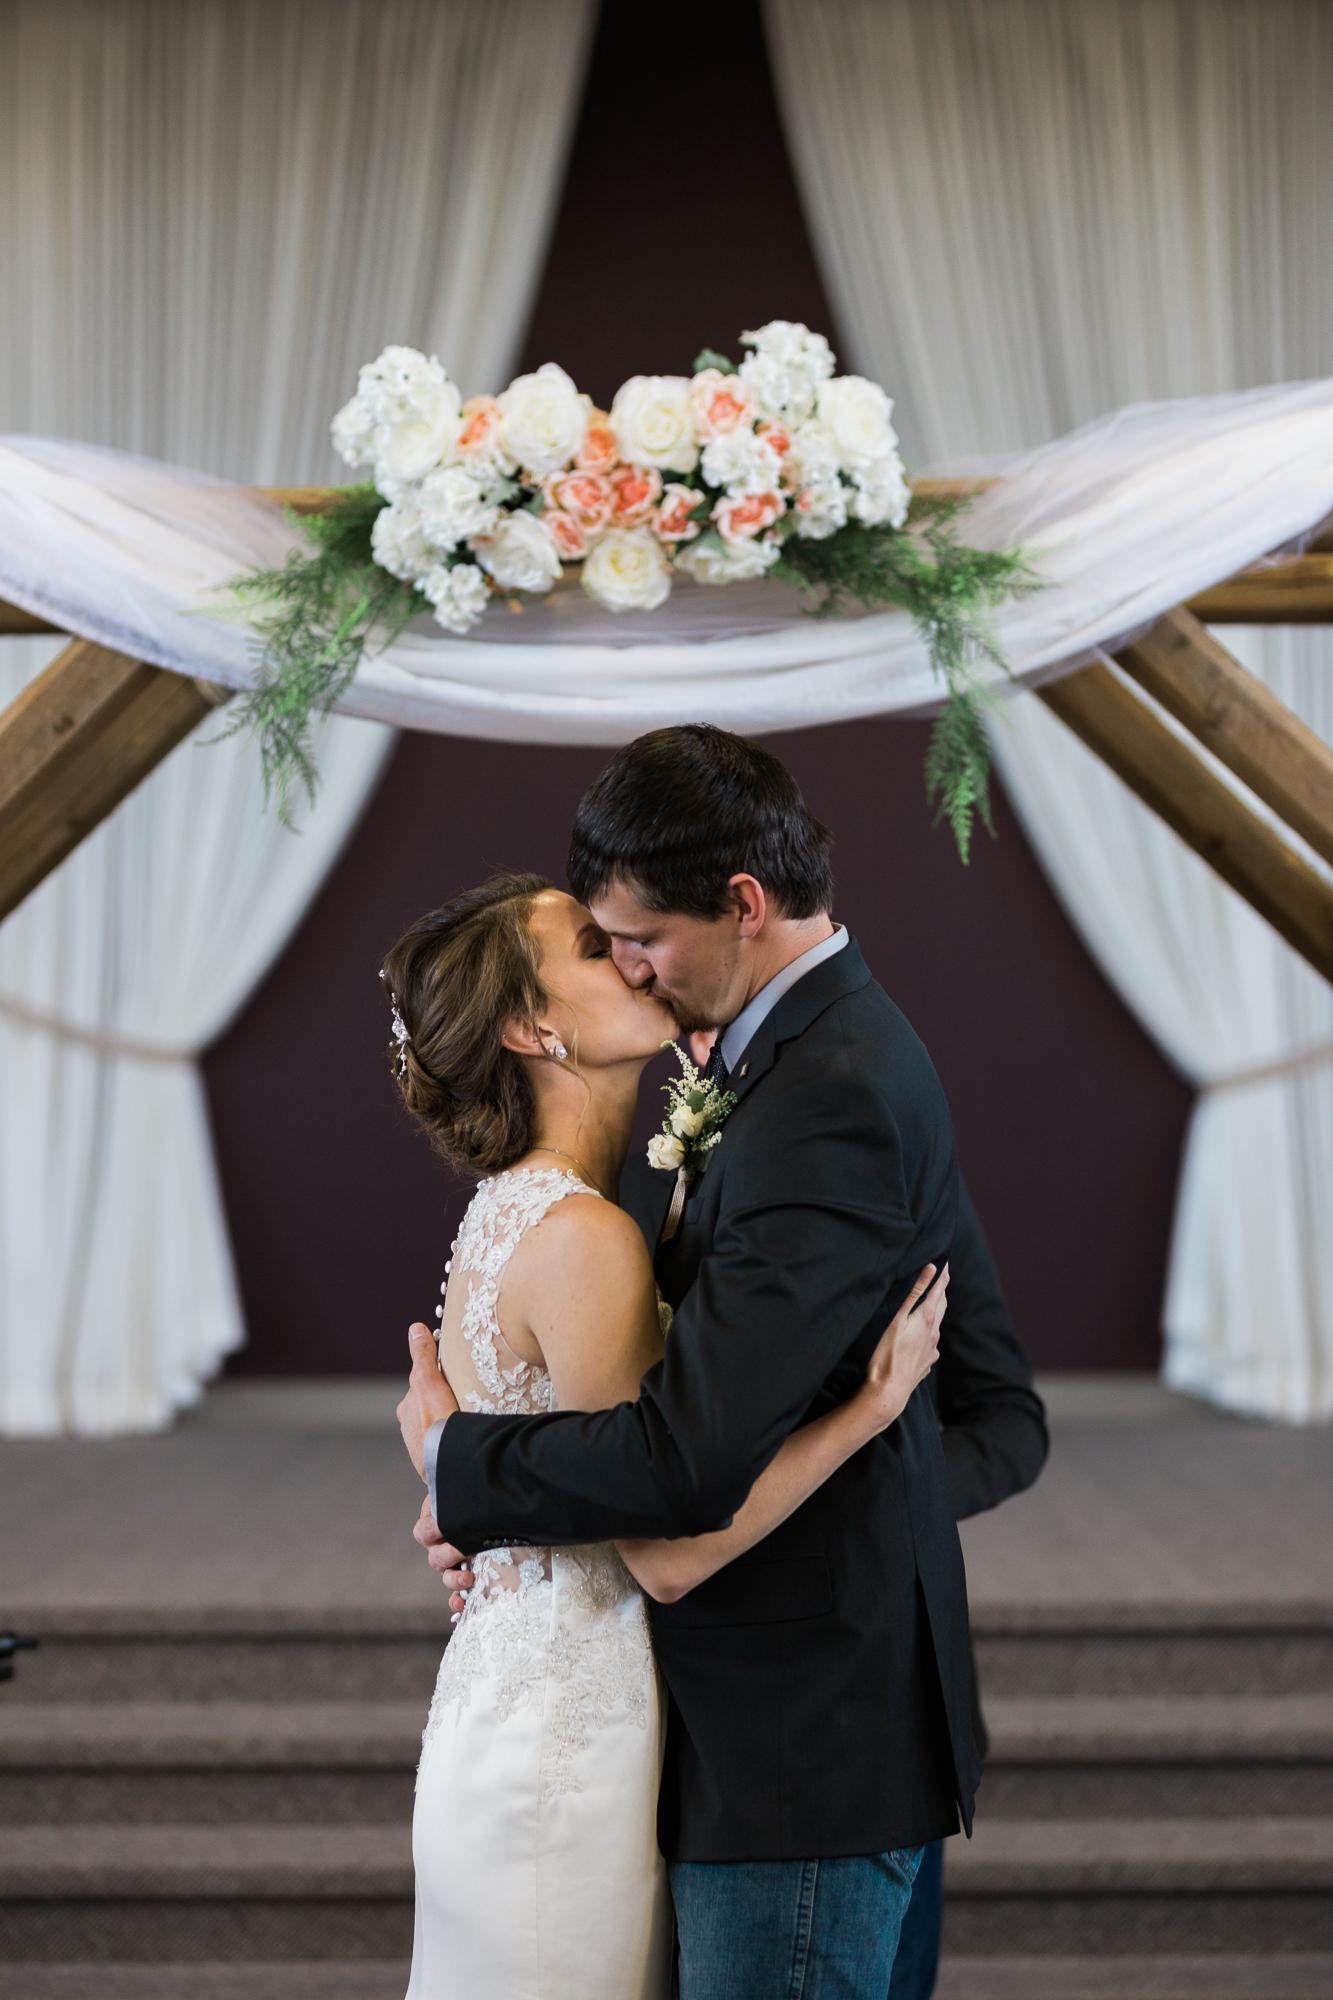 Deanna-Rachel-Photography-calgary-Wedding-photographer-jm-32.jpg